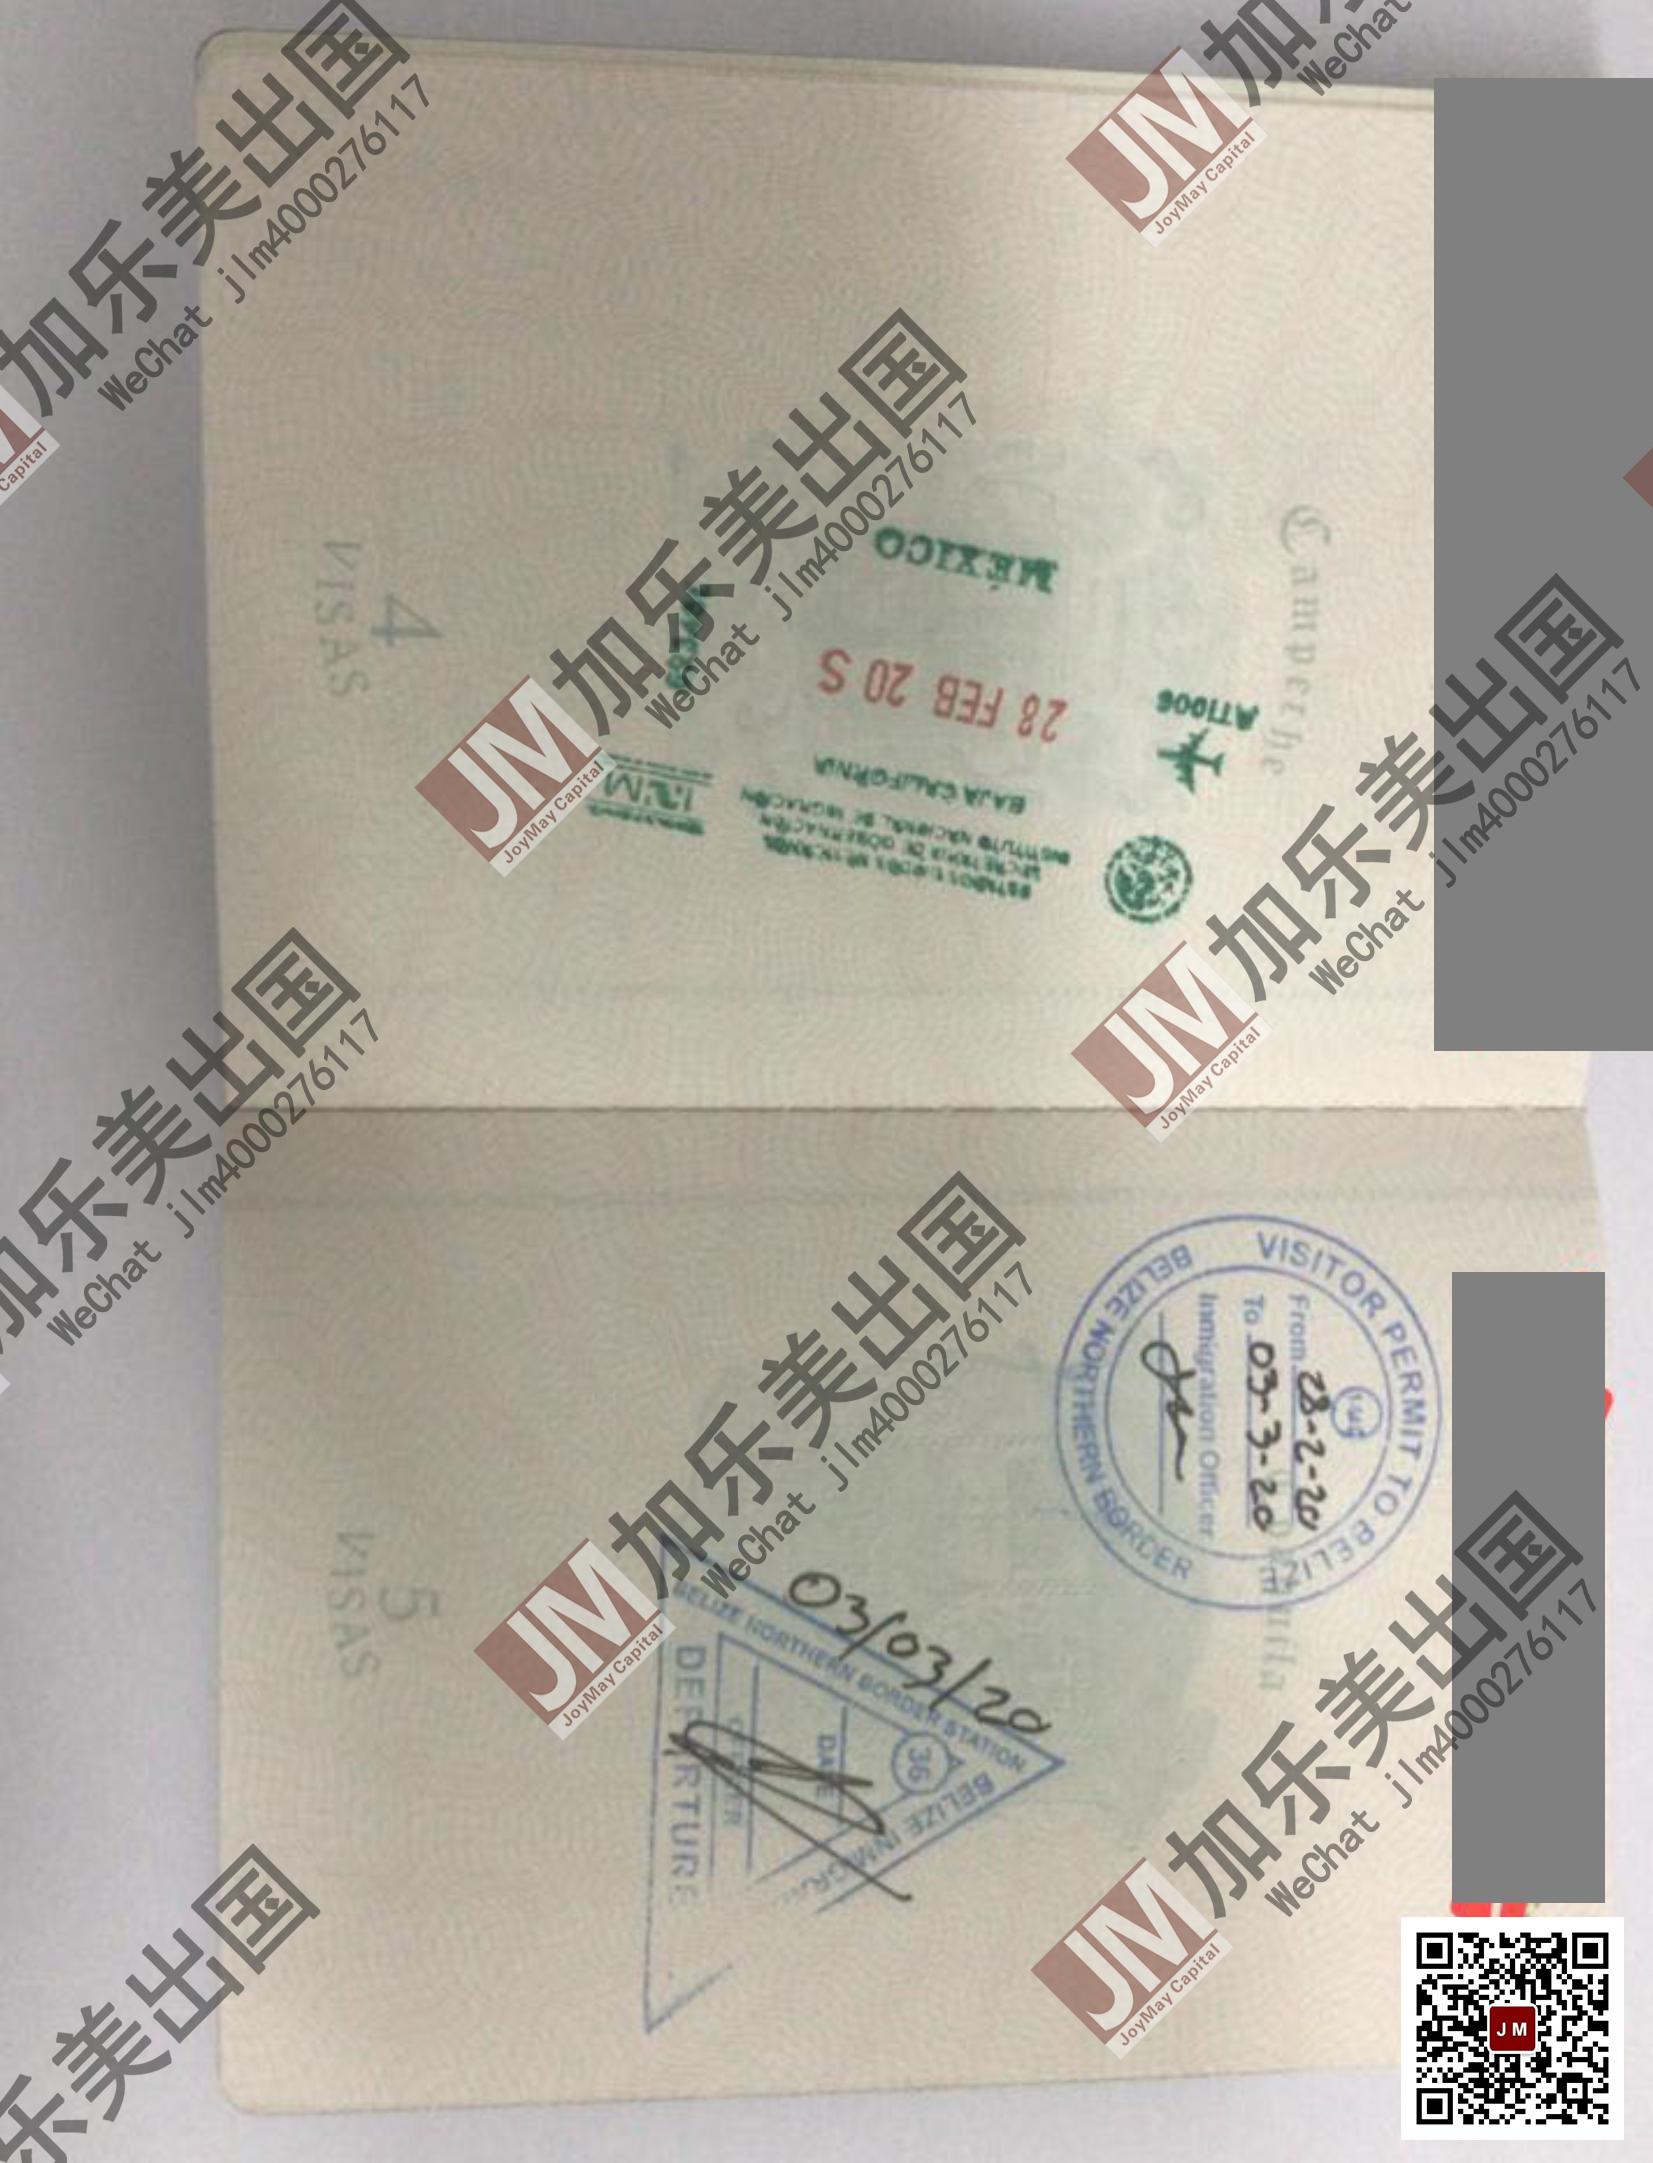 【墨西哥护照】恭喜客户喜得墨西哥护照!